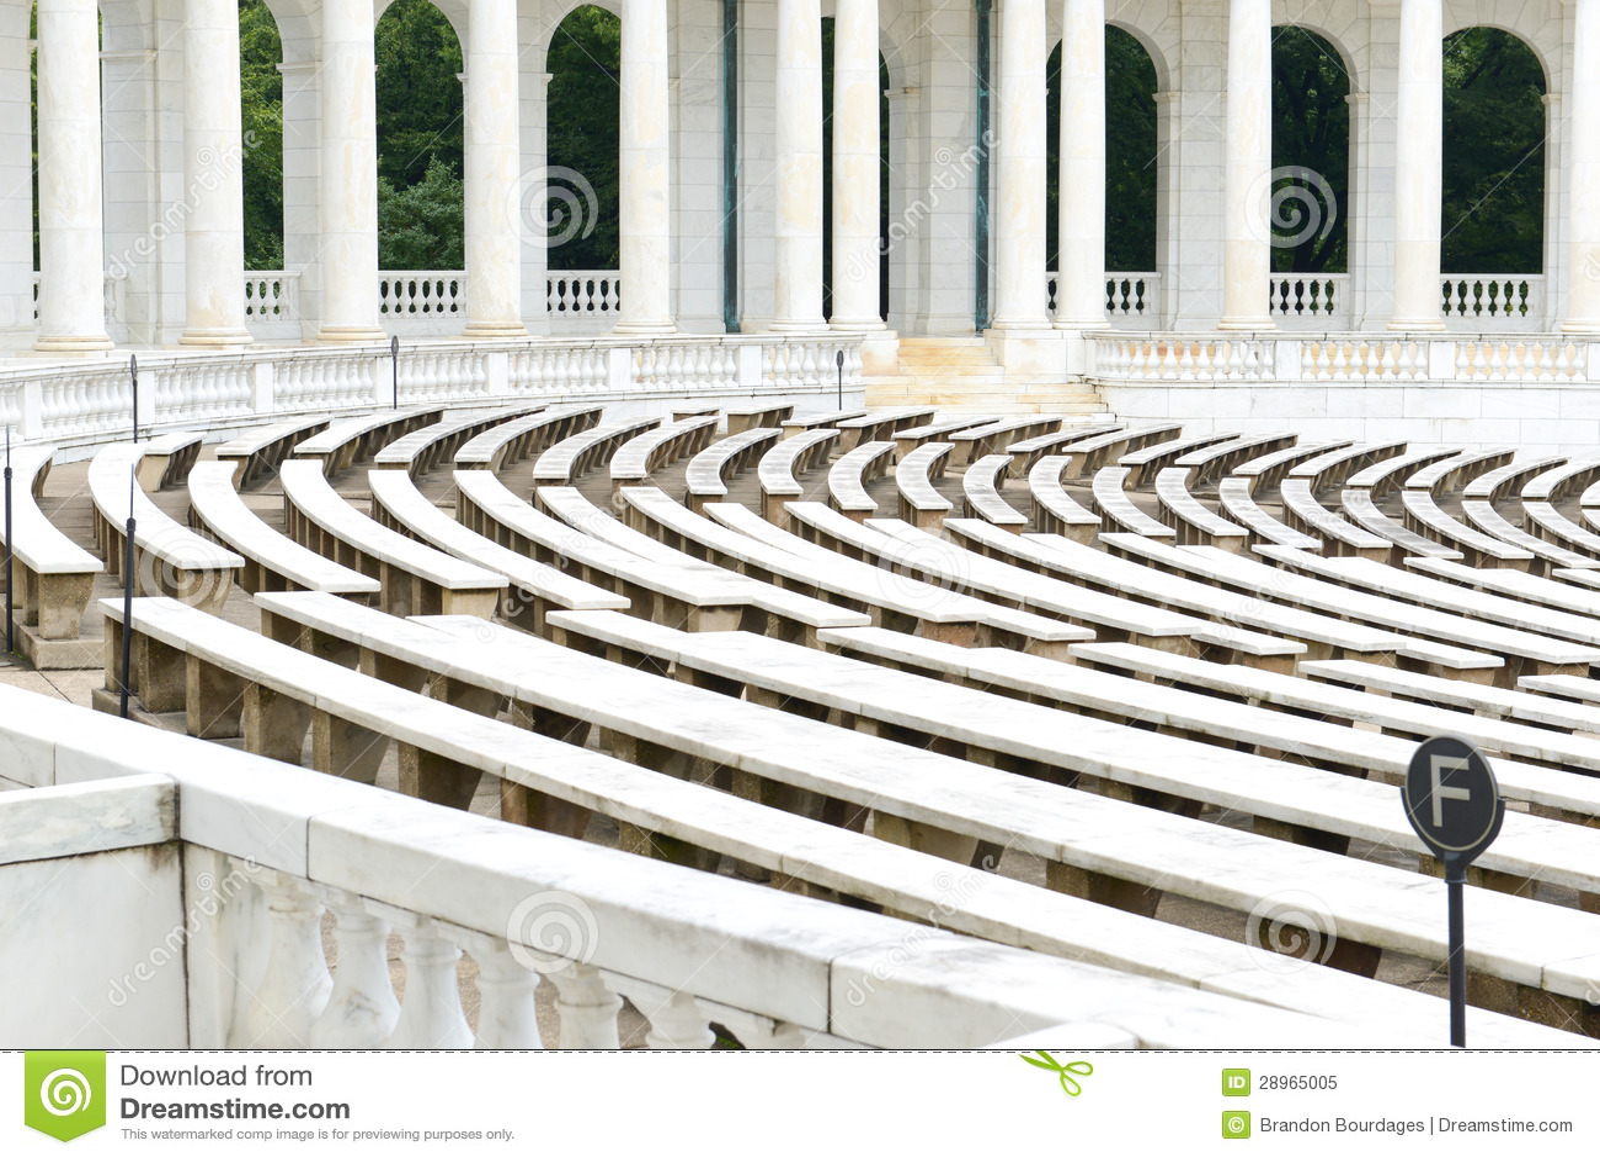 Filary z tyłu amfiteatru